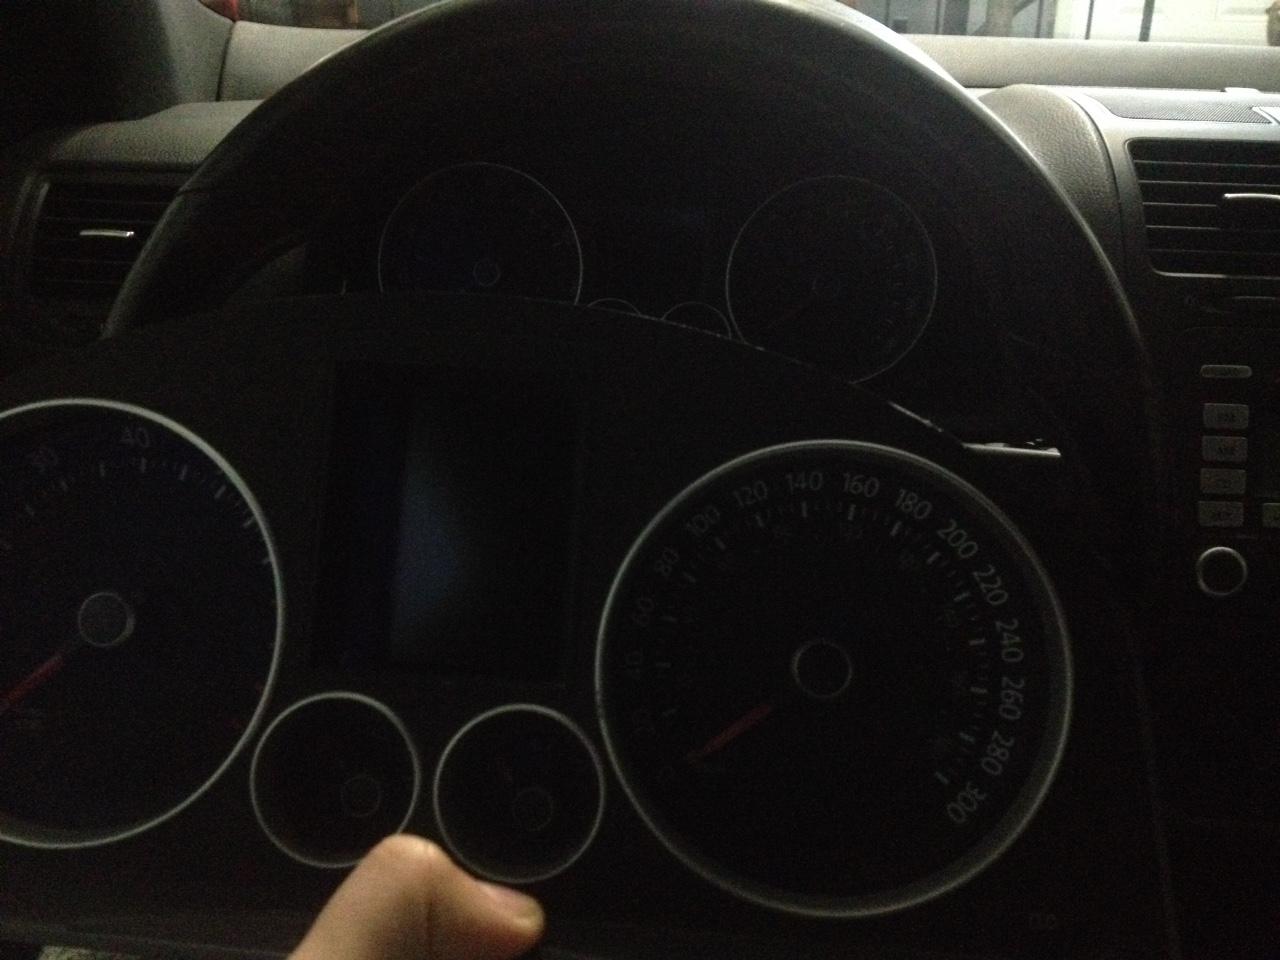 Mile to kilometer cluster swap ? - VW GTI Forum / VW Rabbit